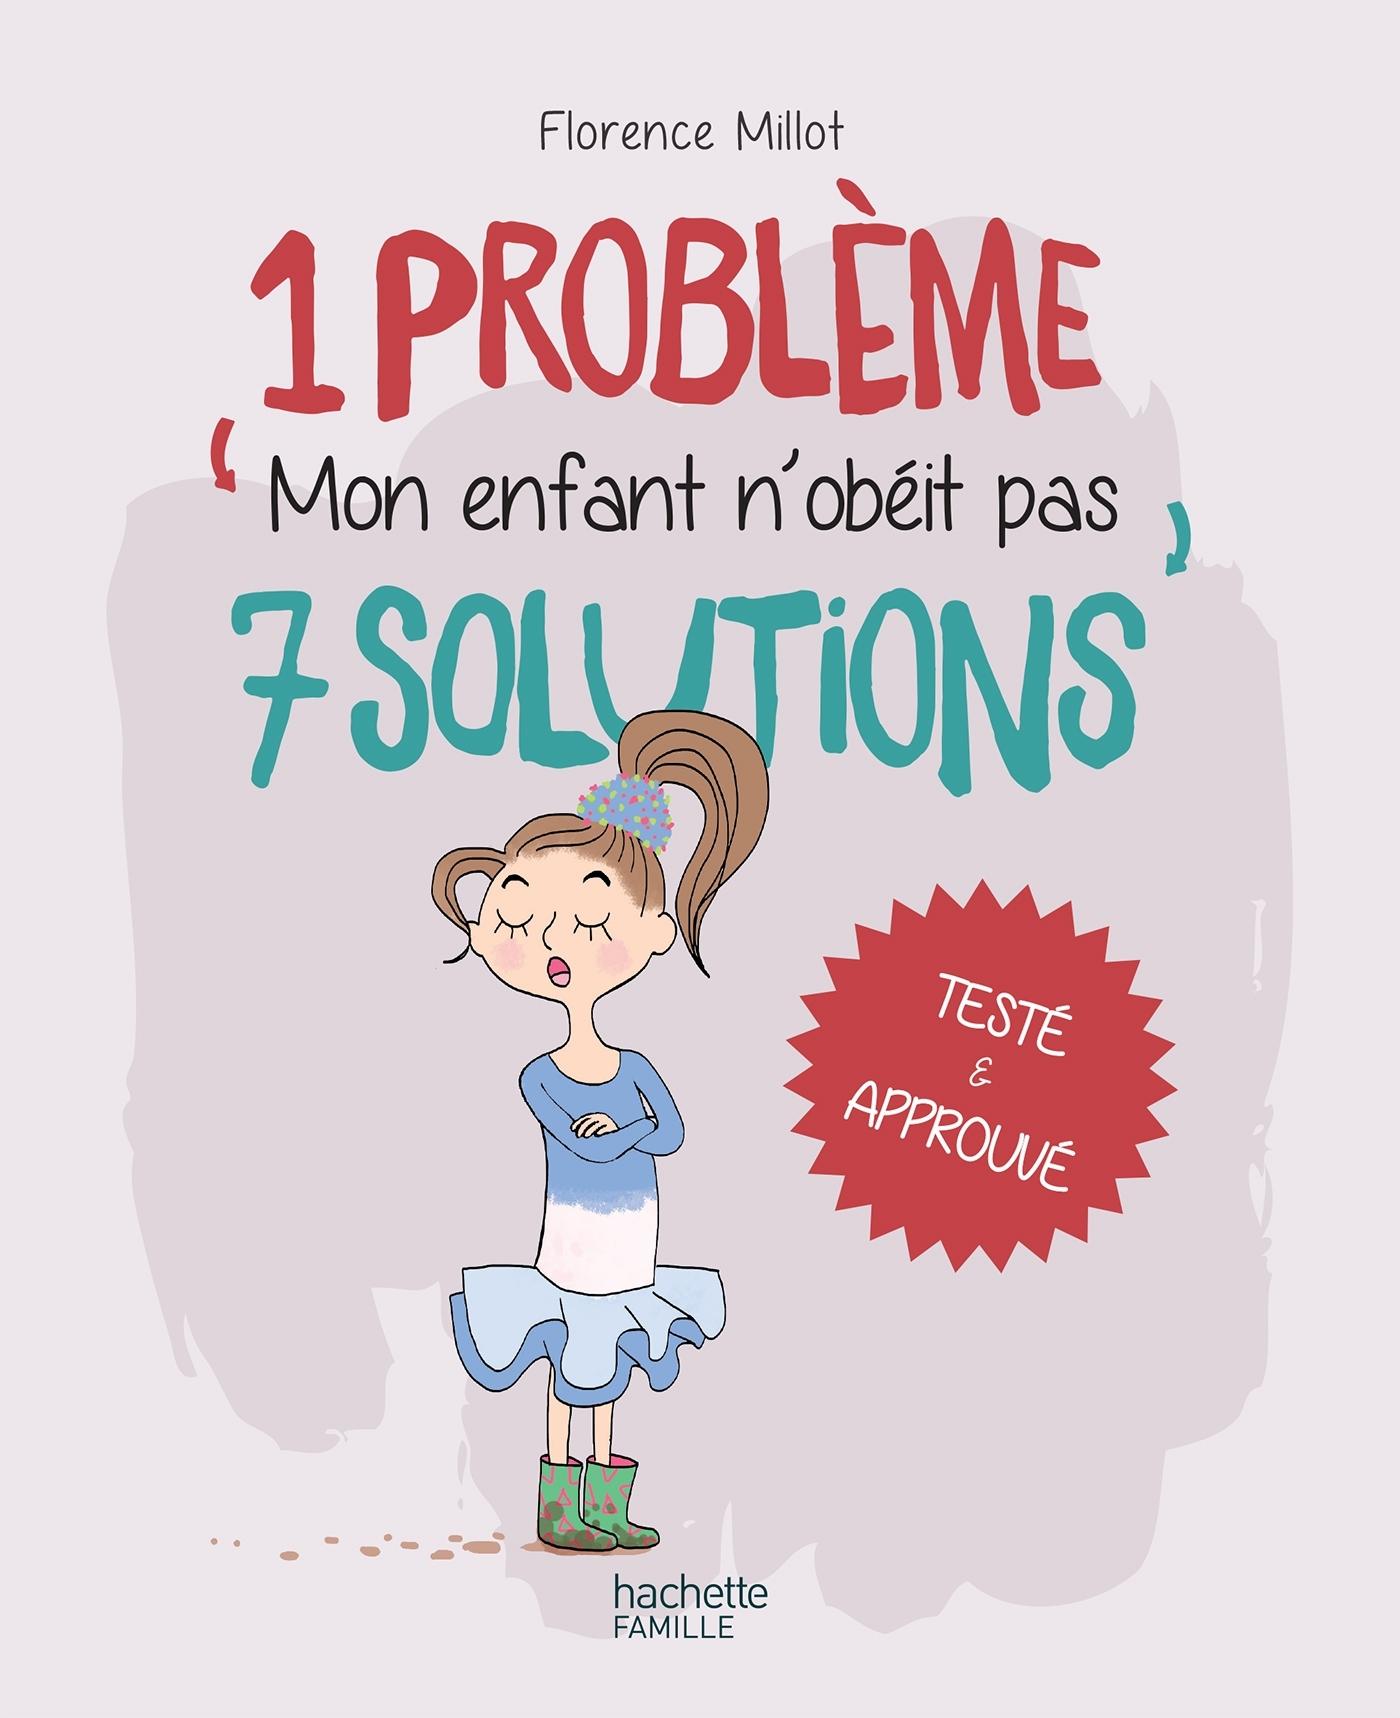 1 PROBLEME 7 SOLUTIONS : MON ENFANT N'OBEIT PAS